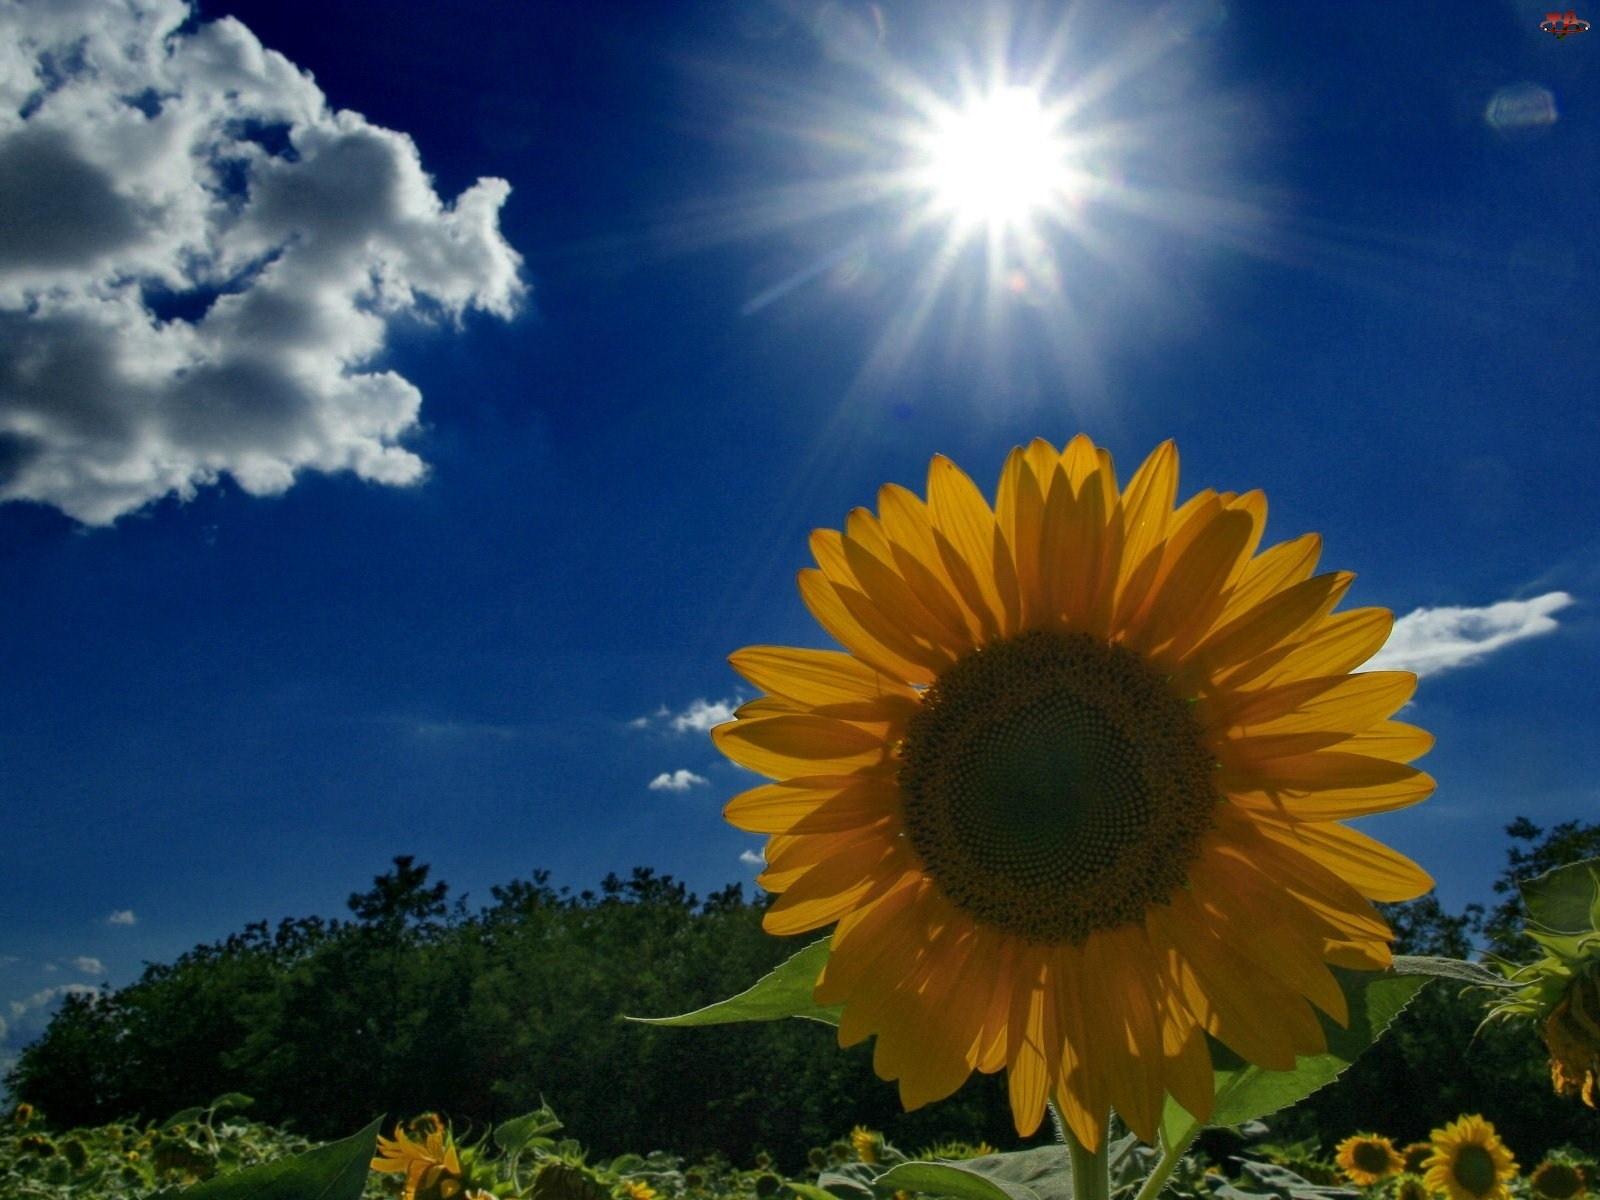 Słońce, Słonecznik, Chmura